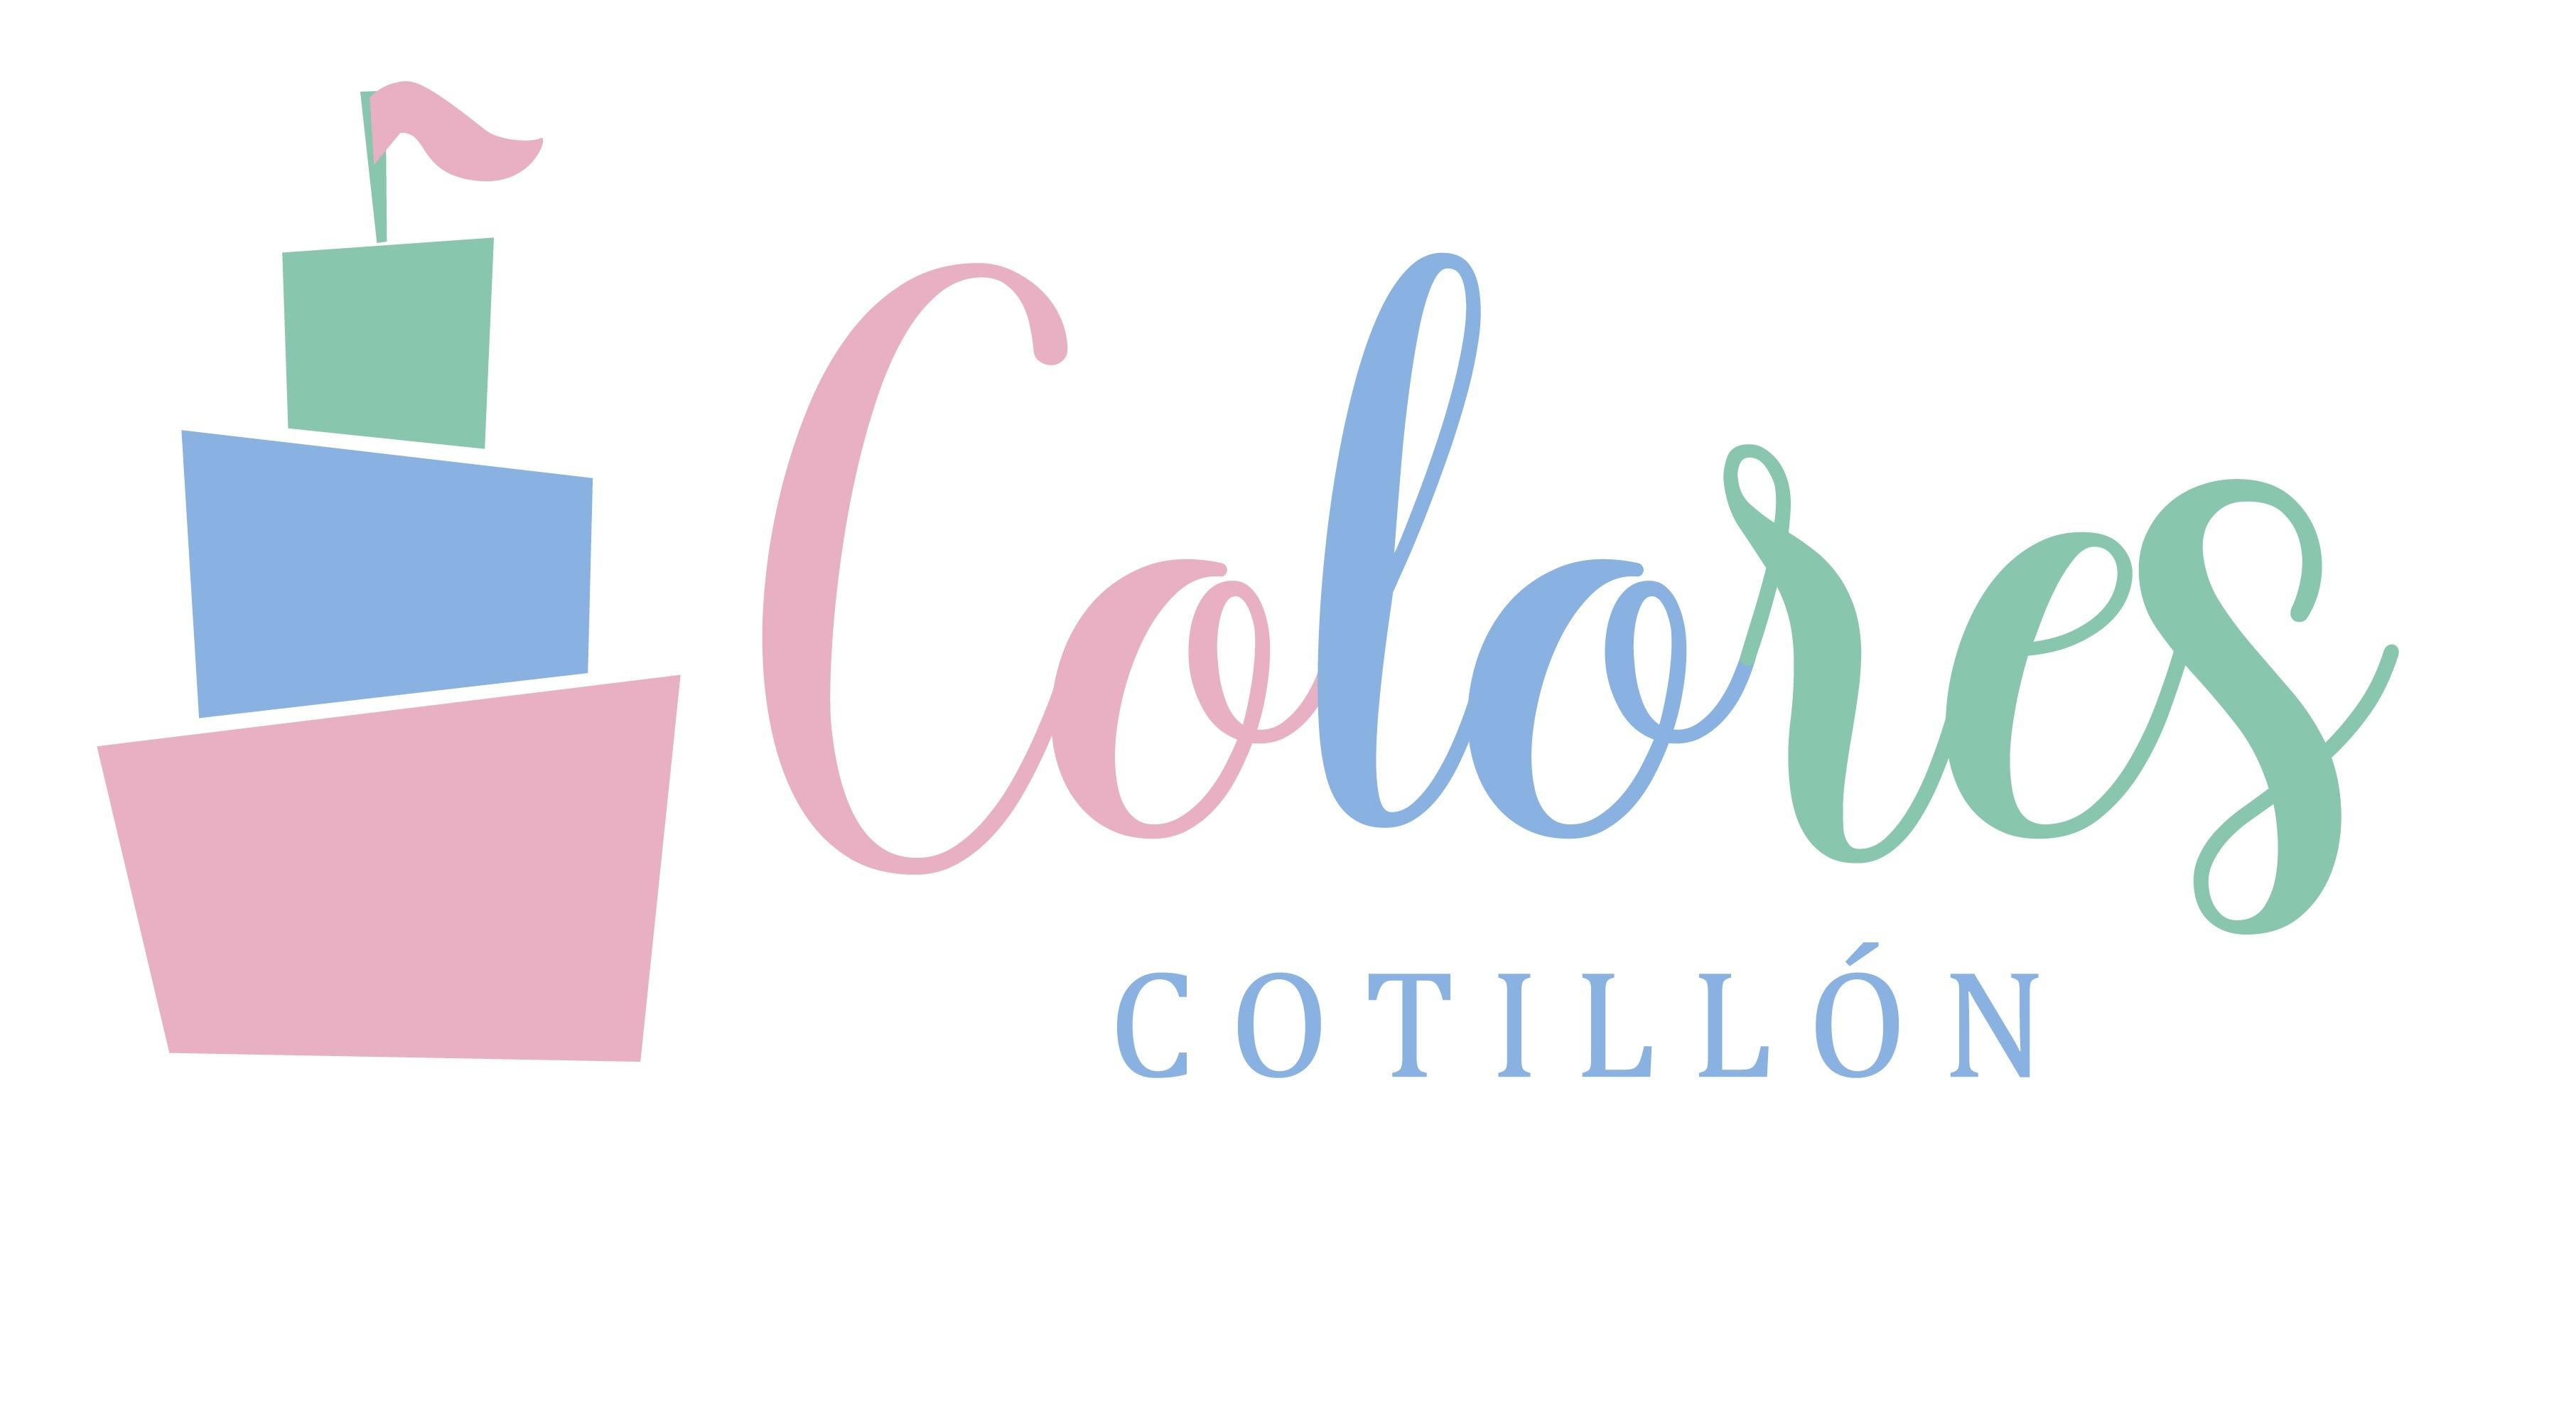 COTILLON-COLORES